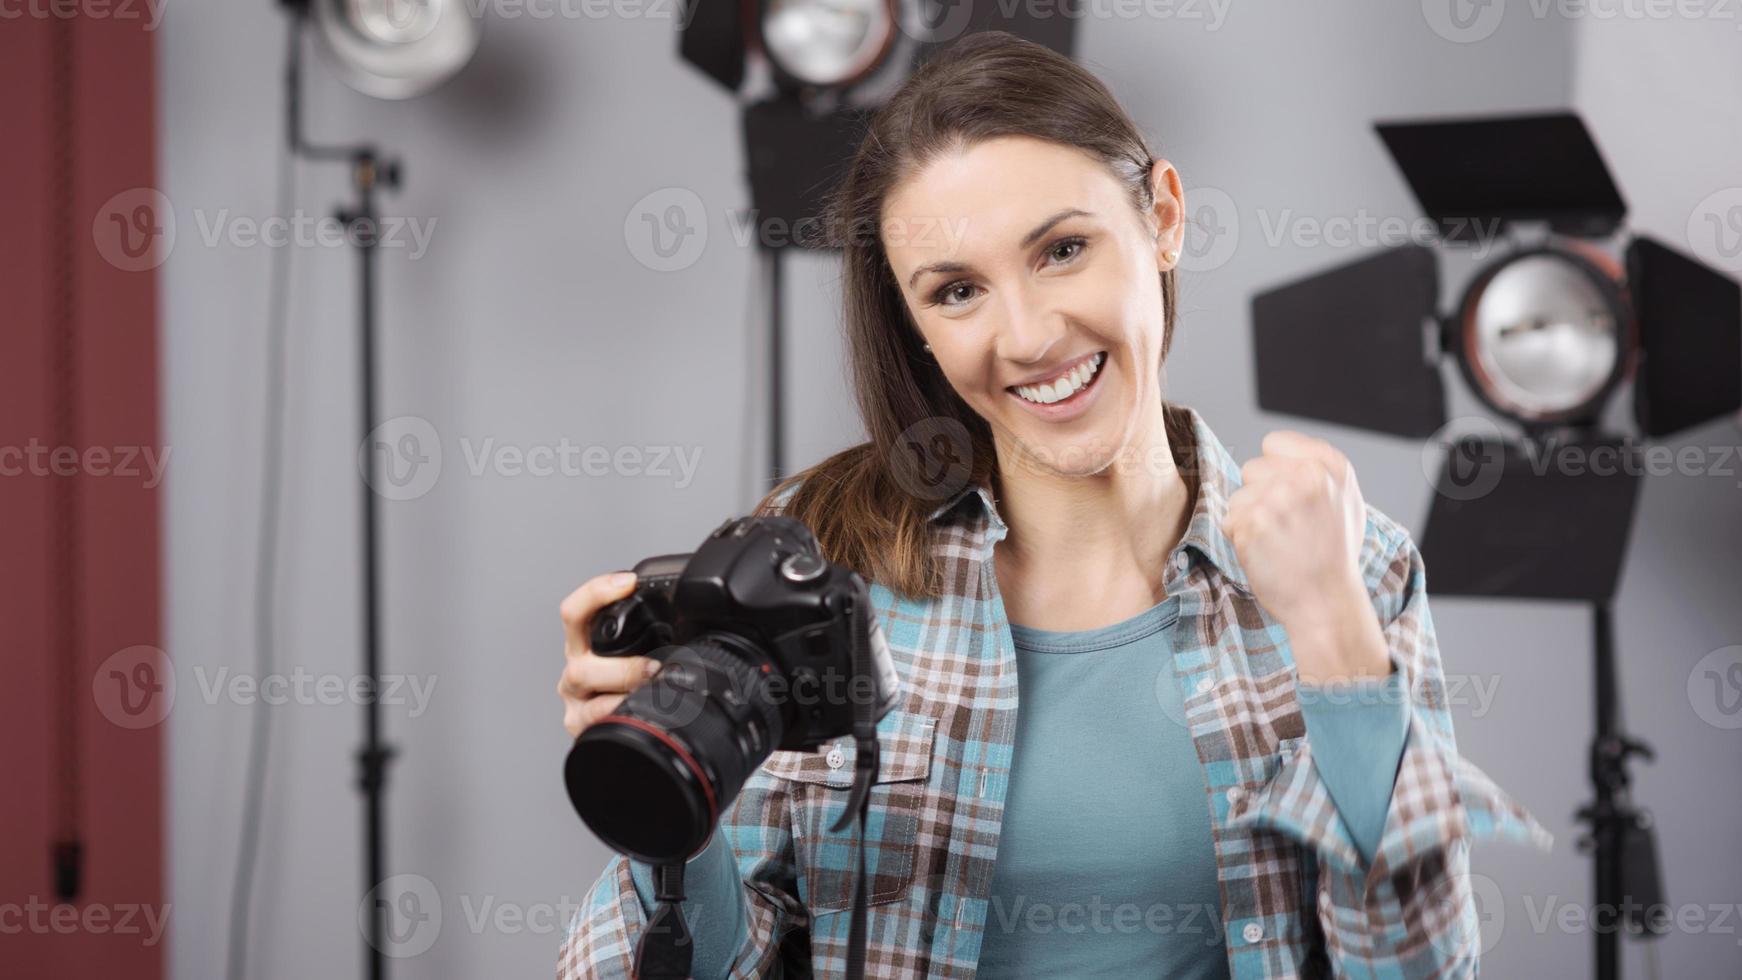 fotograf poserar i en professionell studio foto